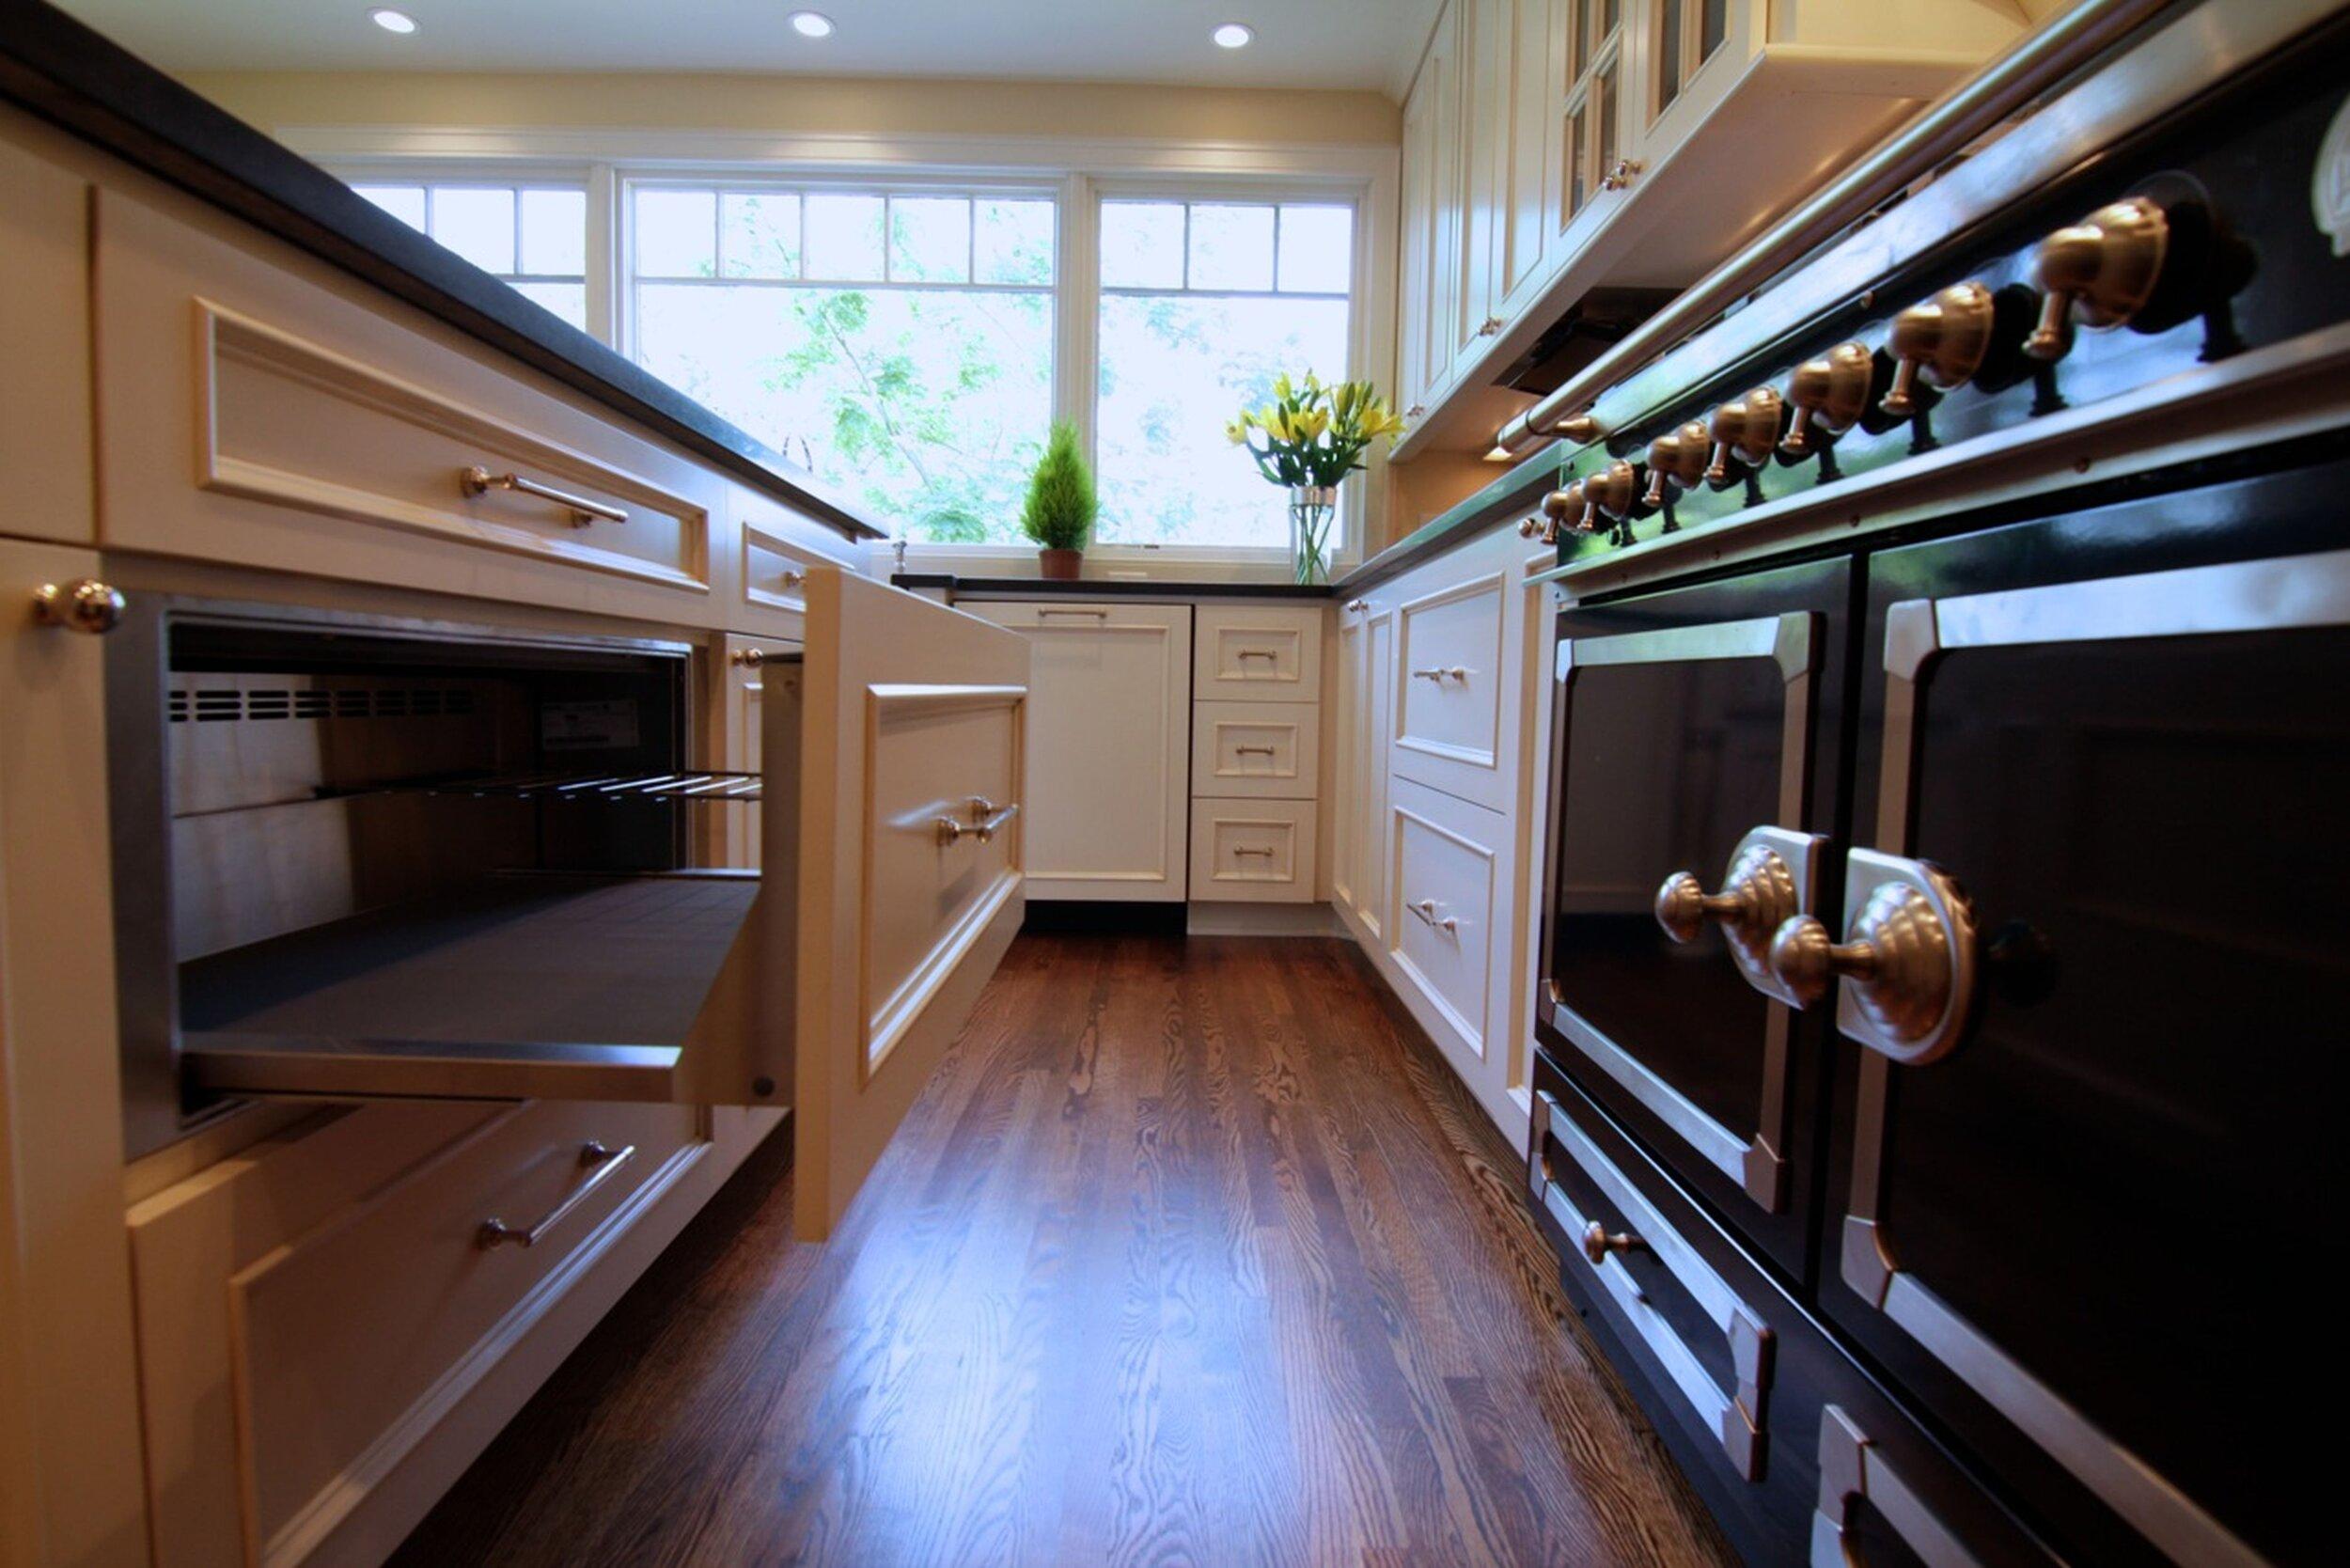 harriet_kitchen_2.jpg